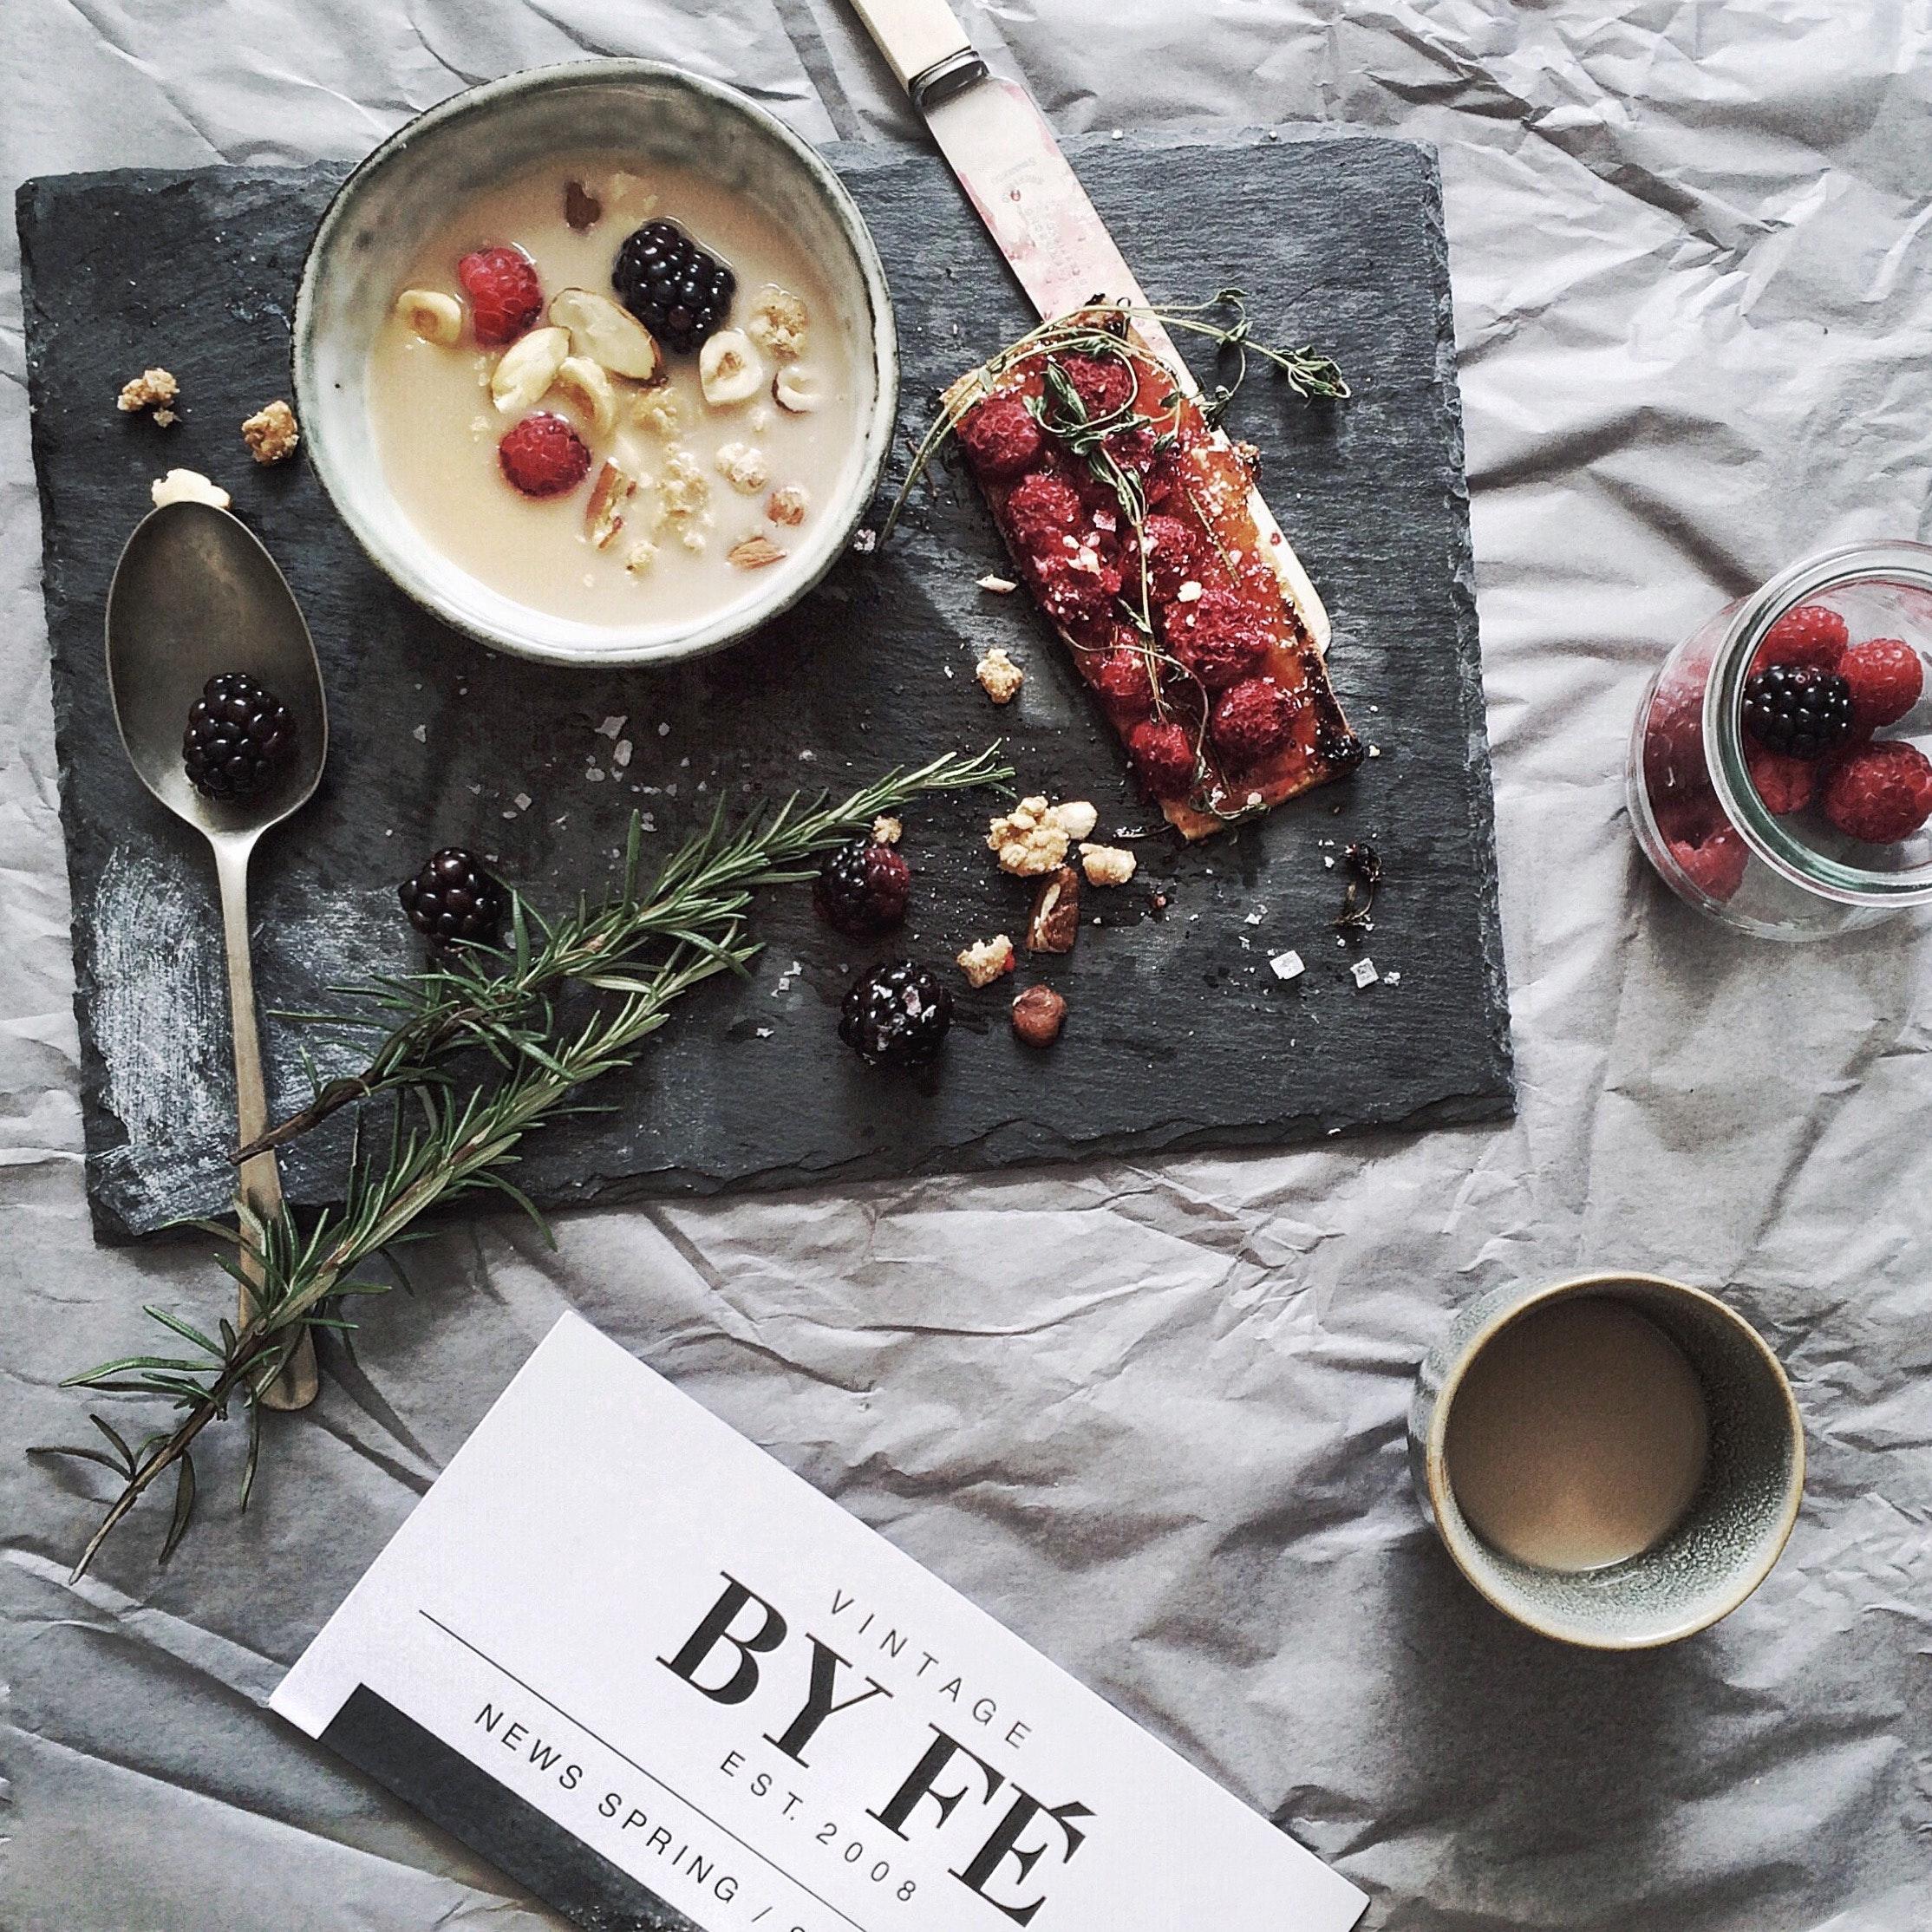 berries-blackberries-card-698857.jpg